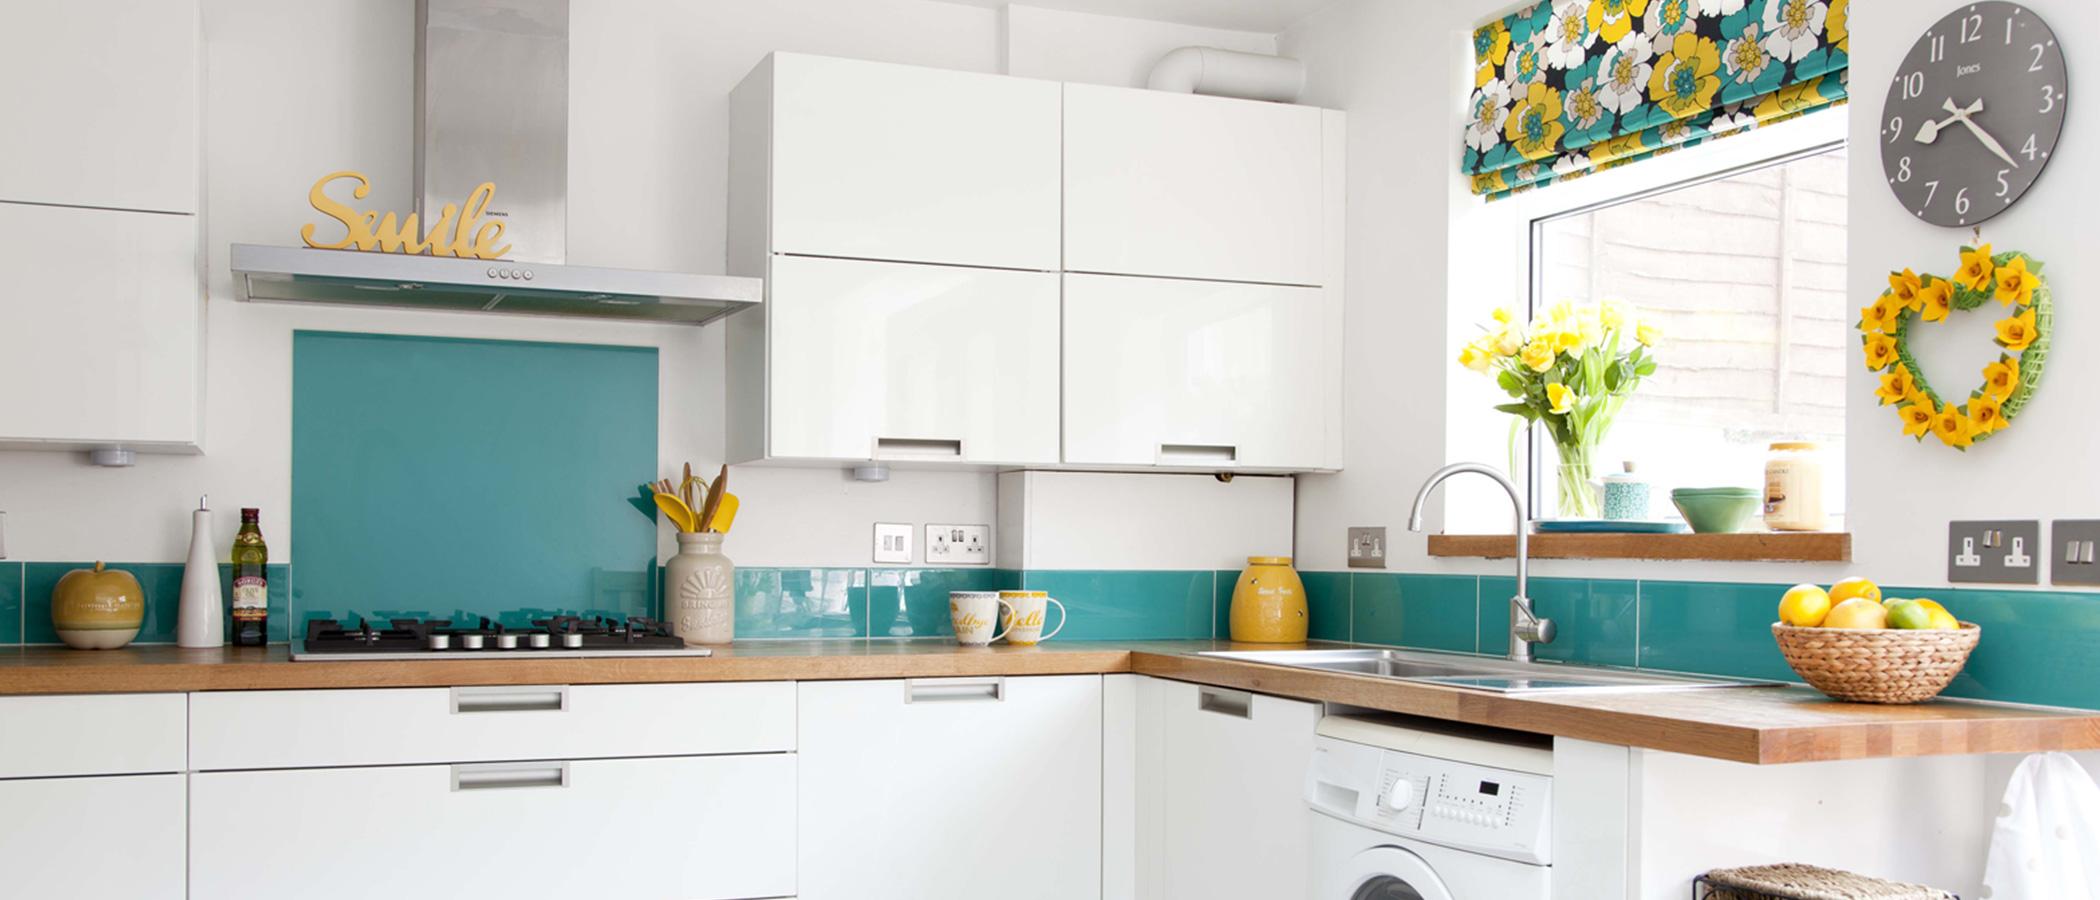 British Ceramic Tile: Buy Tiles Online from the UK's Leading Tile ...